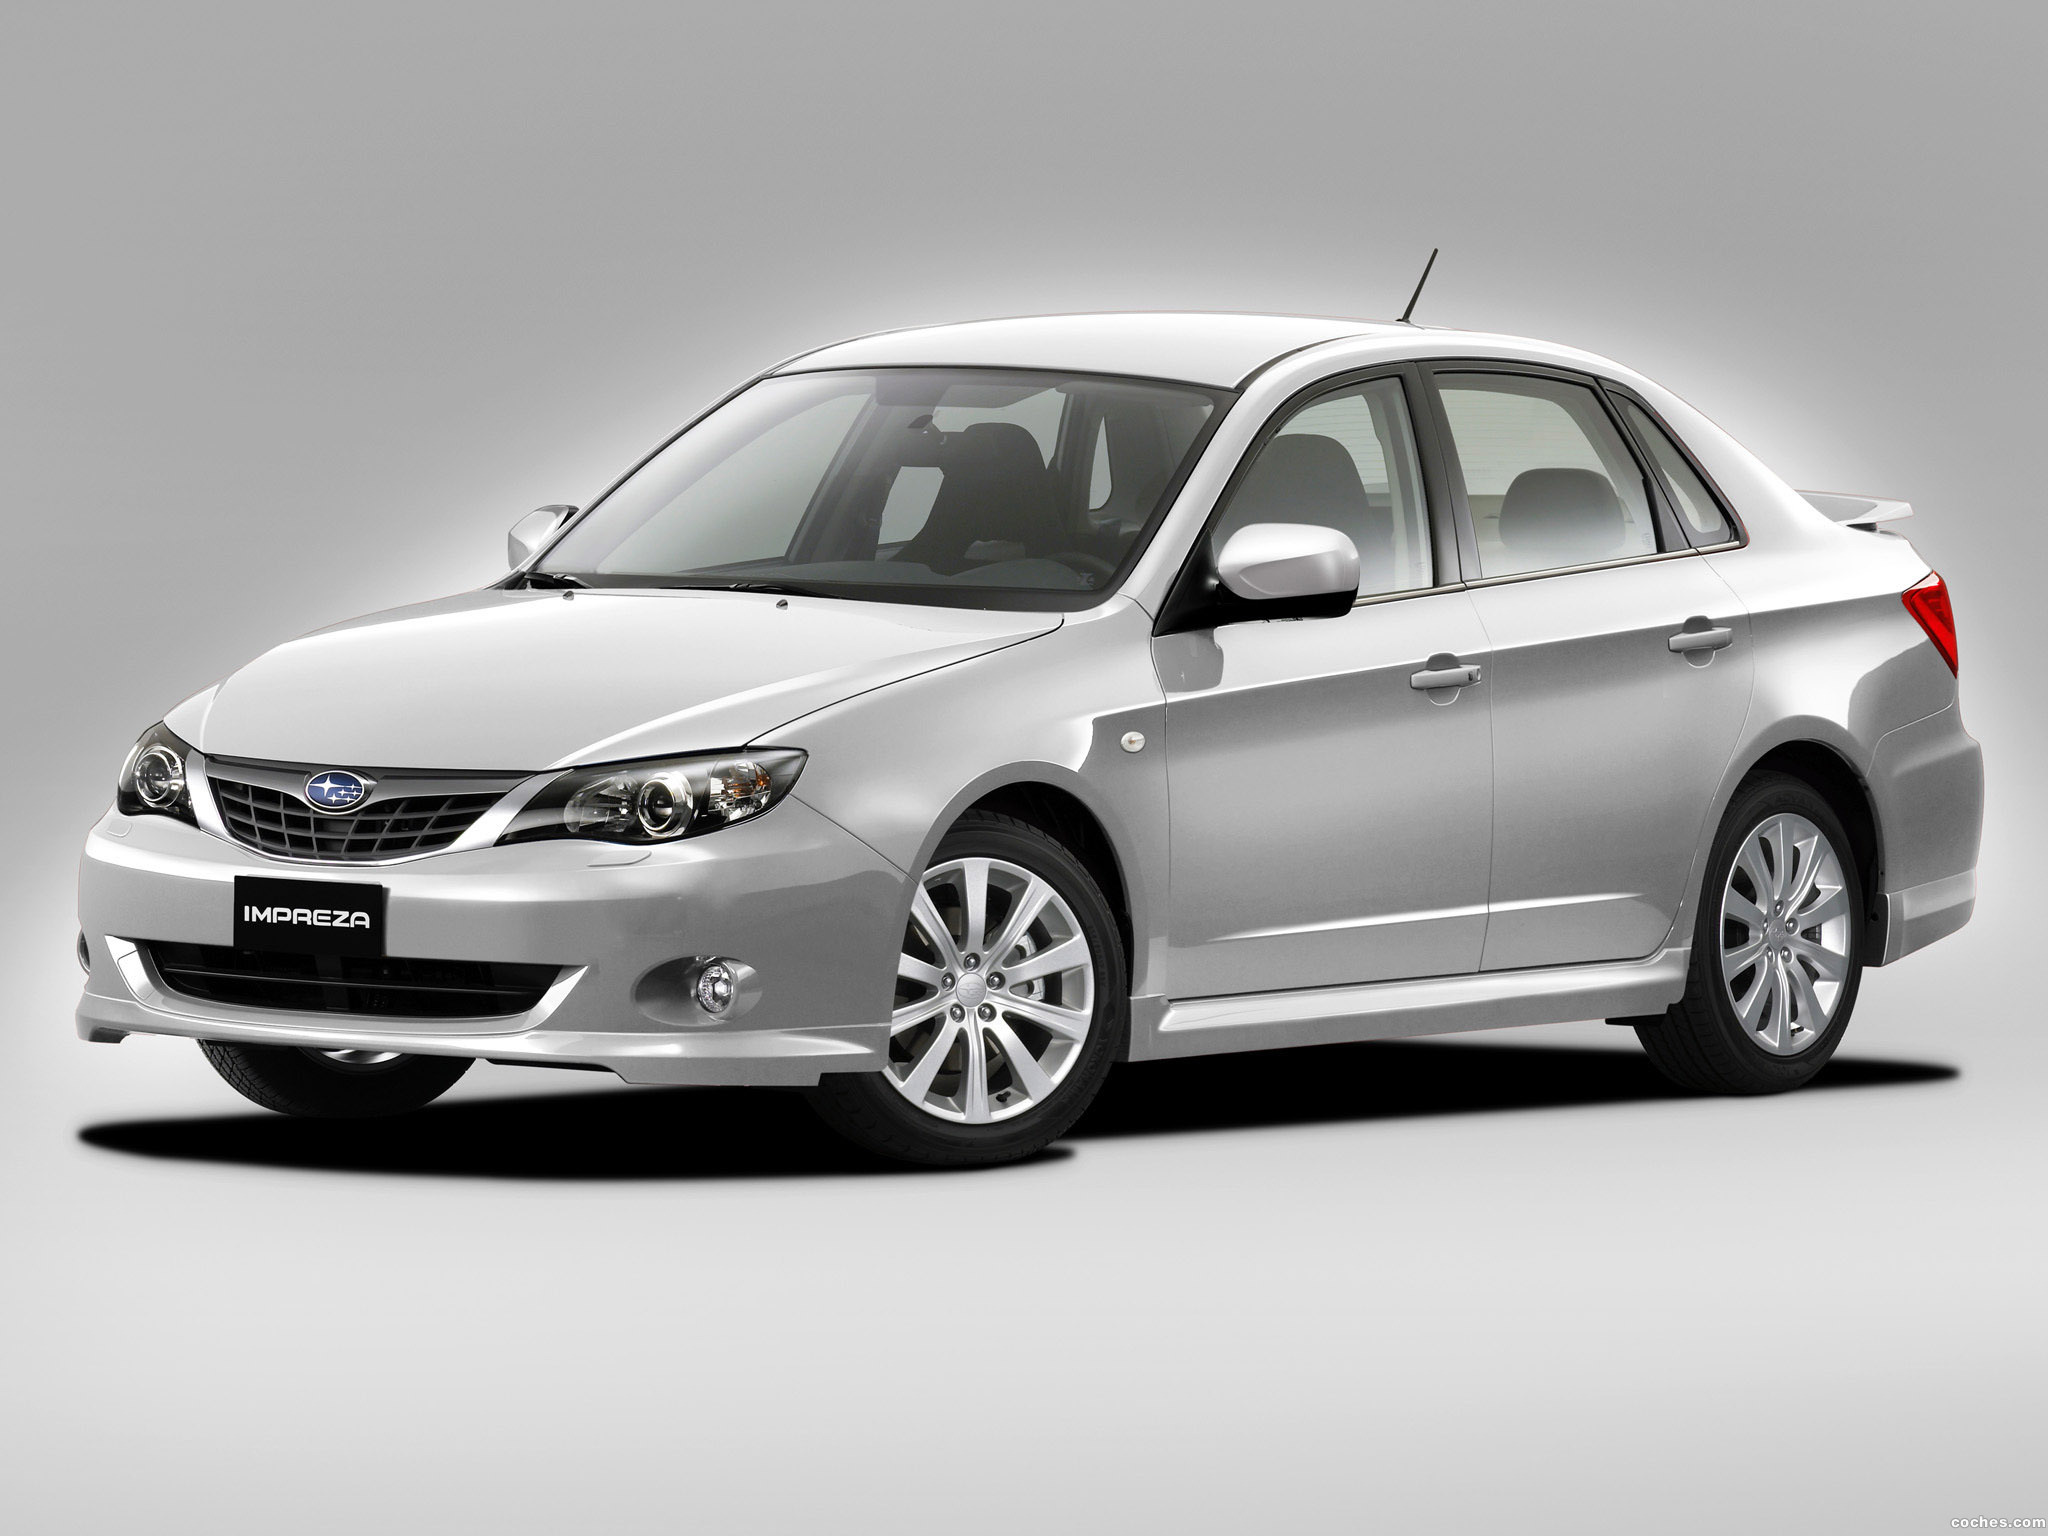 Foto 0 de Subaru Impreza 2.0R Sport Sedan 2008